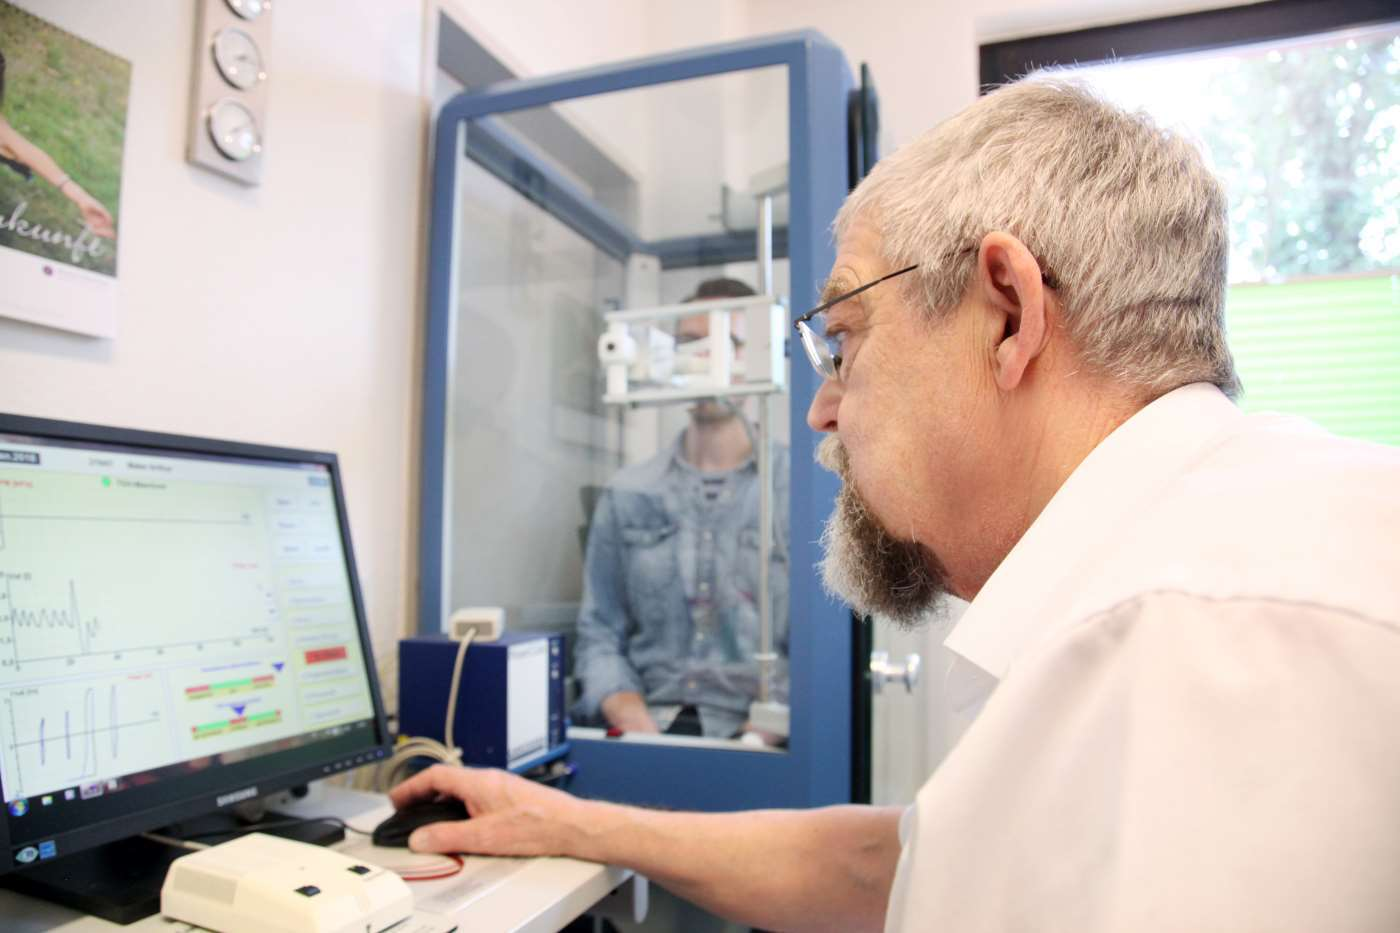 Der Pneumologe und Lungenfacharzt führt eine Bodyplethsymographie durch